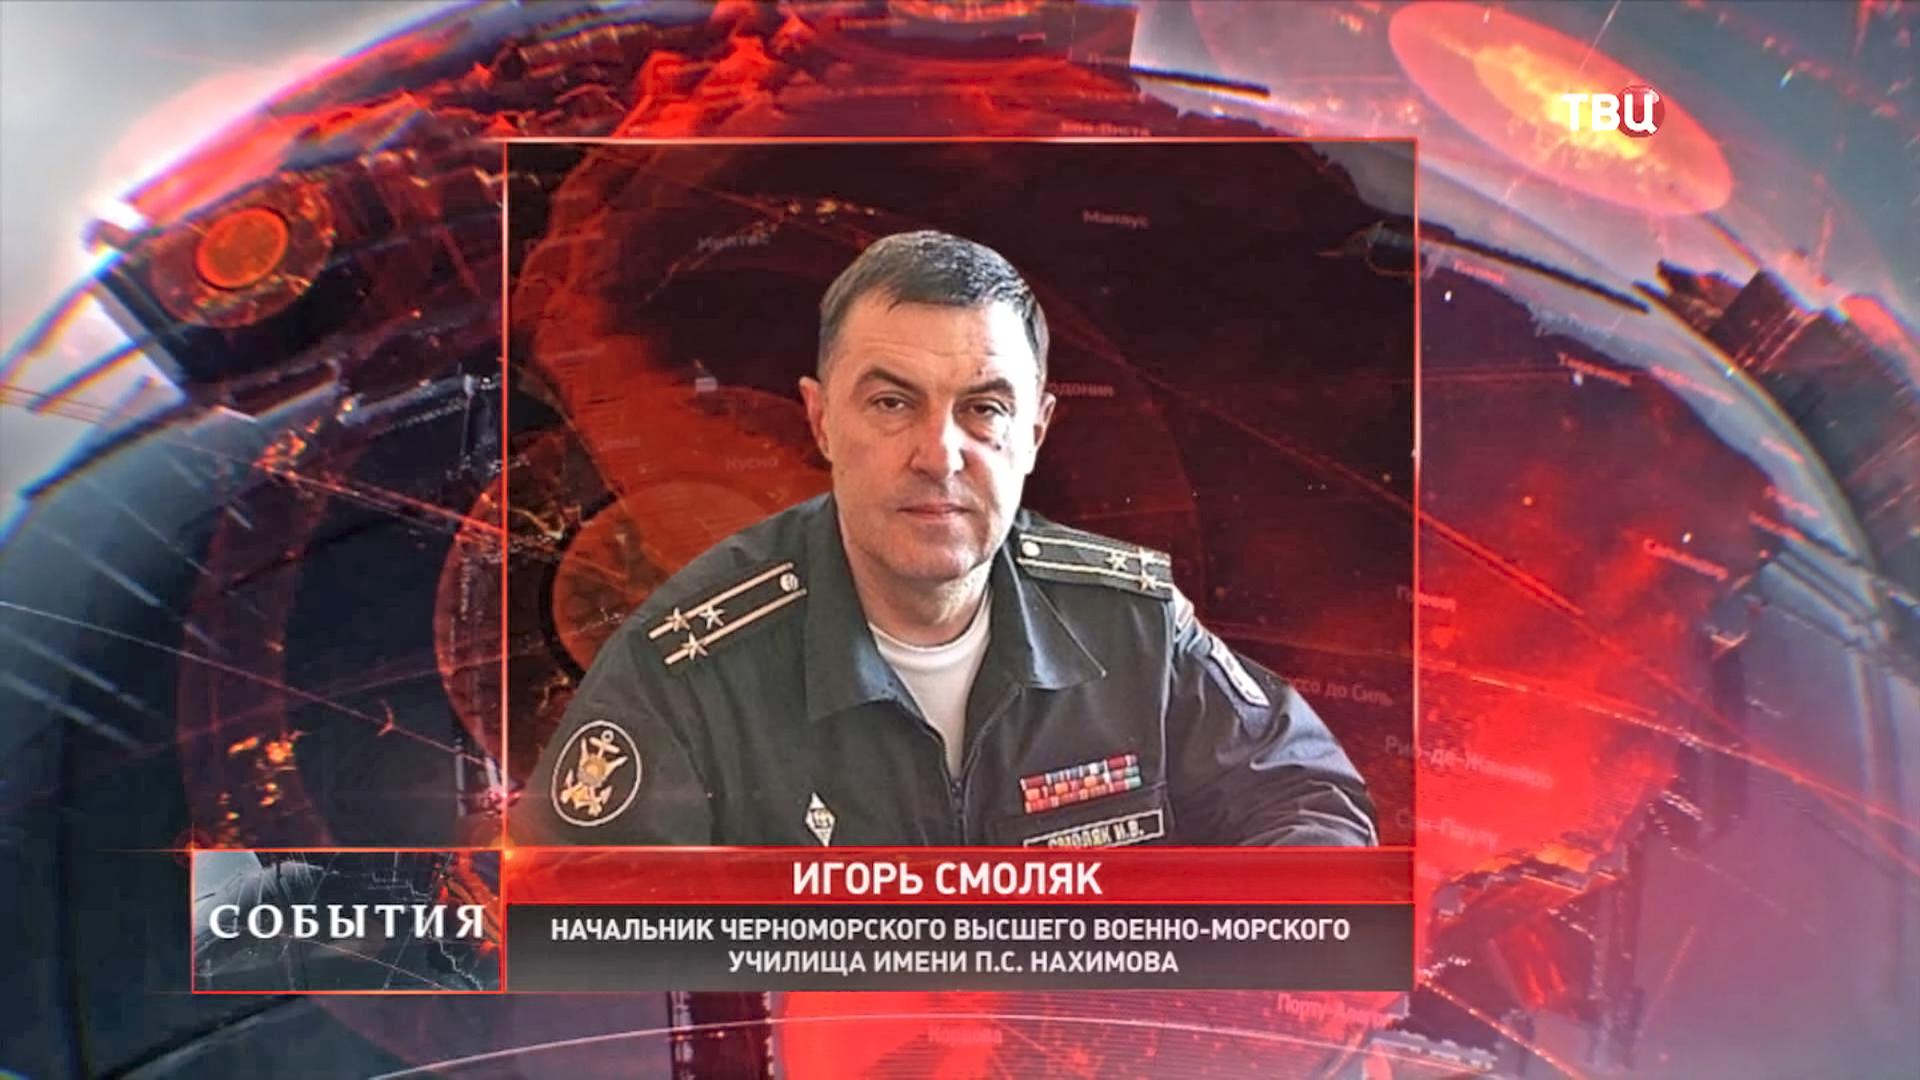 Игорь Смоляк, начальник Черноморского высшего военно-морского училища имени П.С. Химова